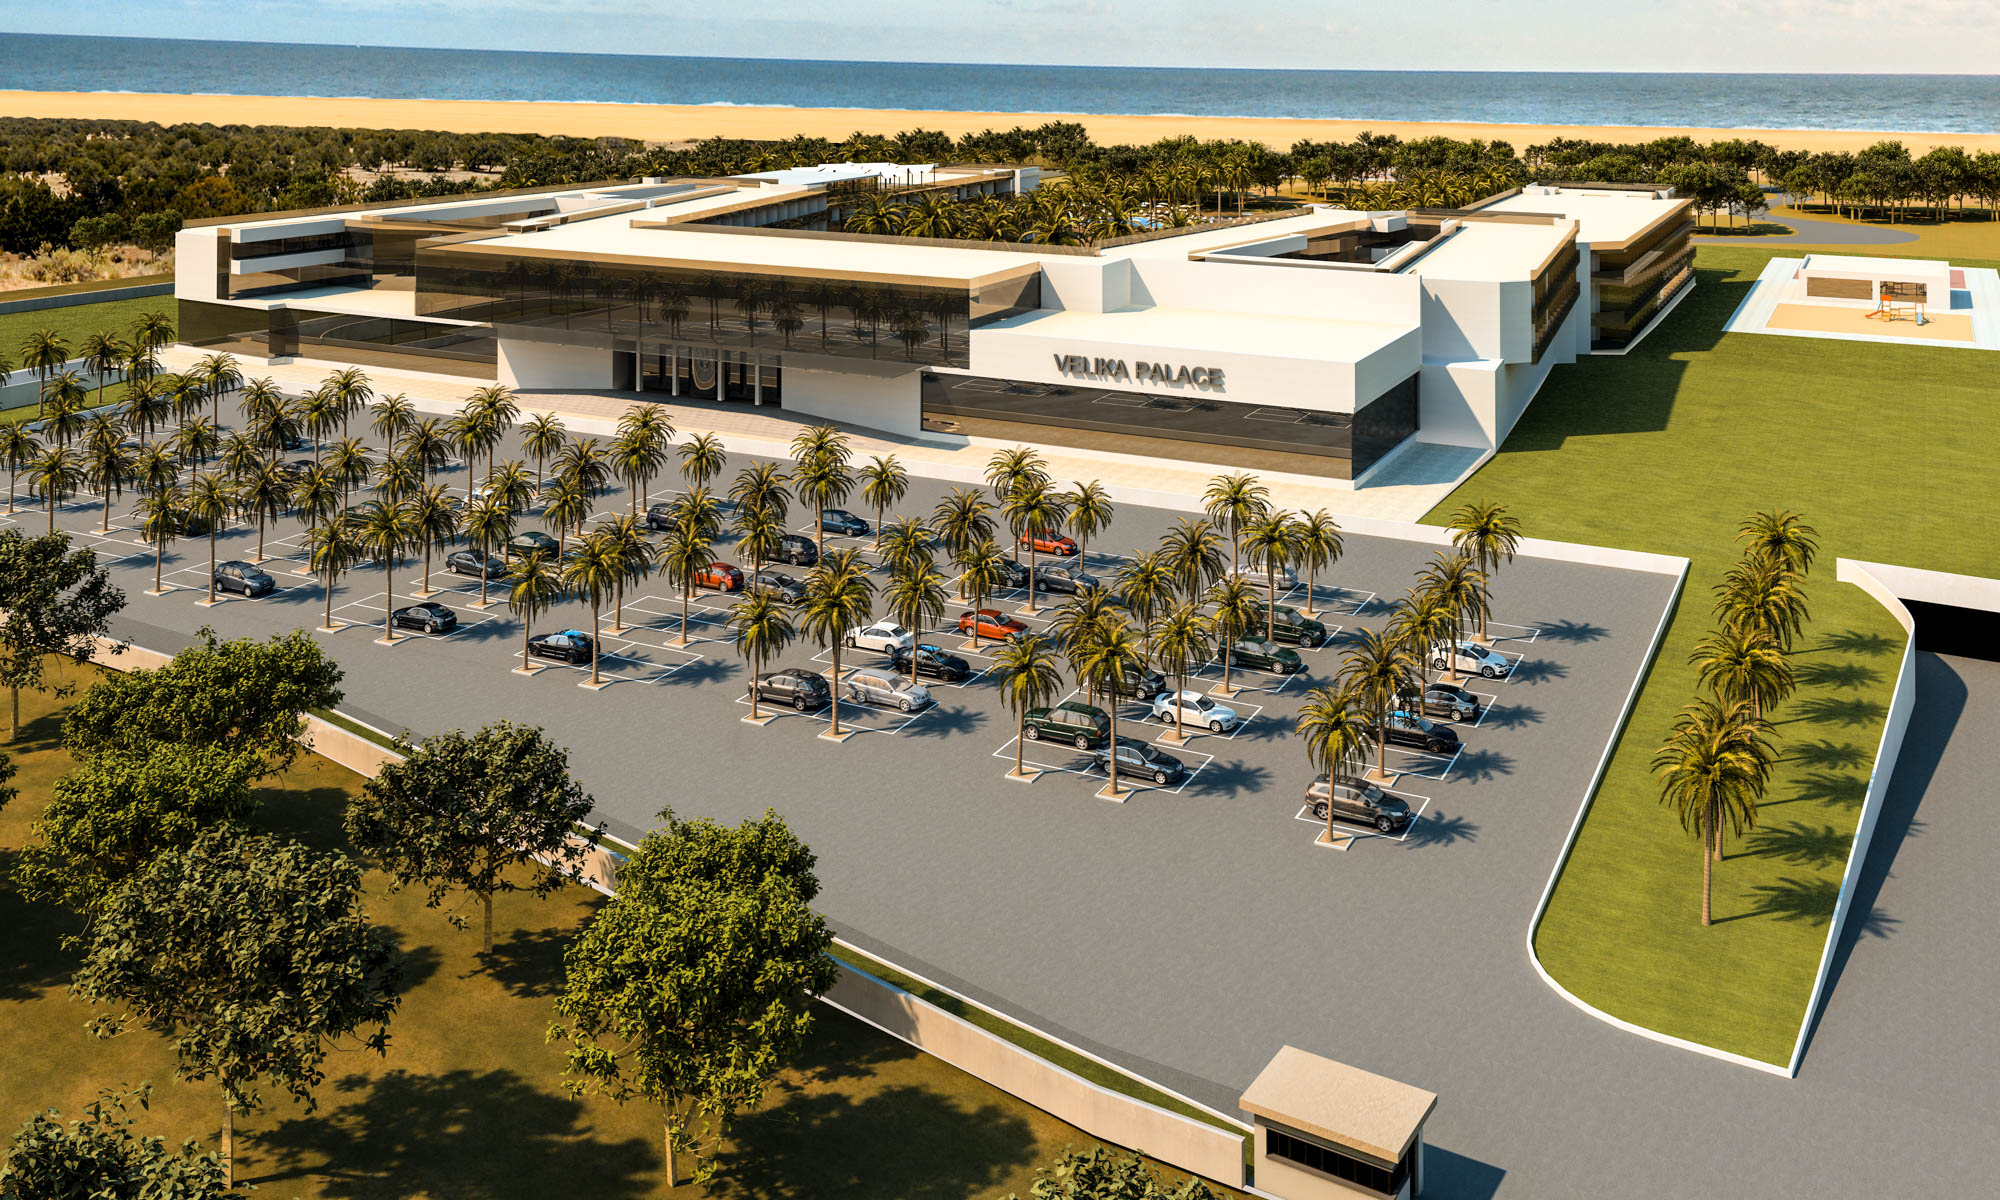 Proyecto Hotel Velika Palace de 450 habitaciones en Motenegro